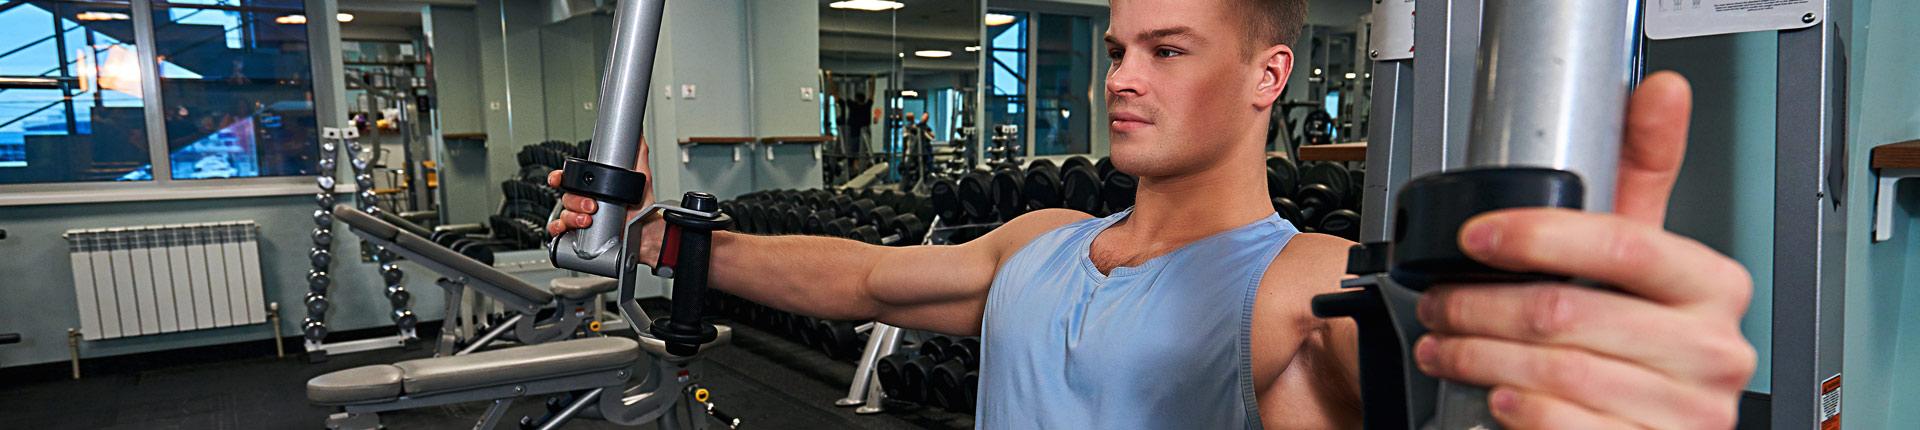 Typowe problemy początkujących: masa, regeneracja, siła, tłuszcz